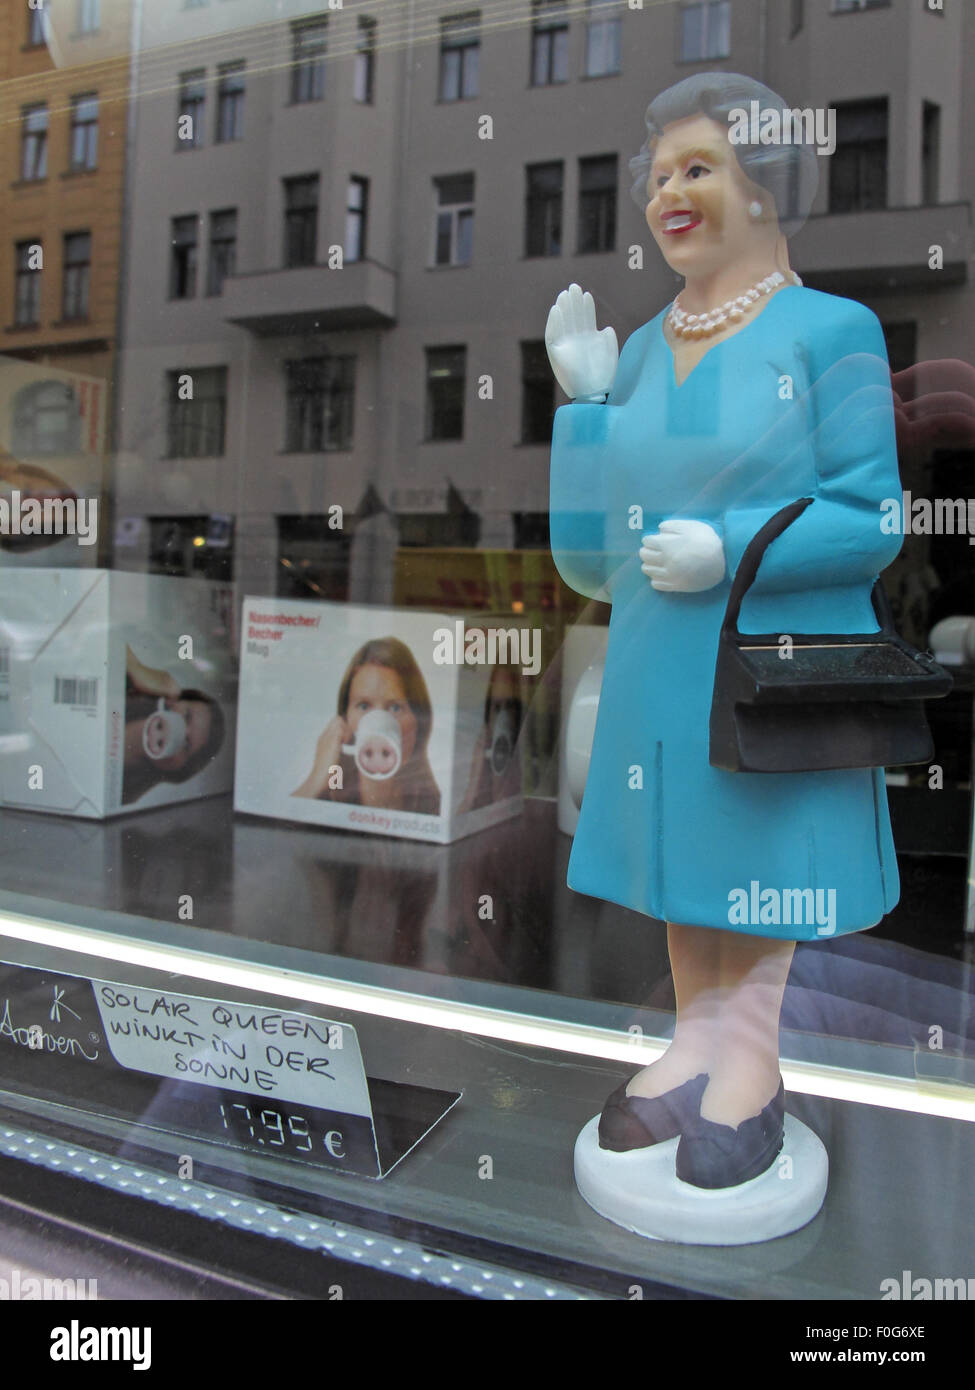 Laden Sie dieses Alamy Stockfoto Einzelne Königin Elizabeth von England solarbetriebene Spielzeug, Mitte, Deutschland, Europa - F0G6XE